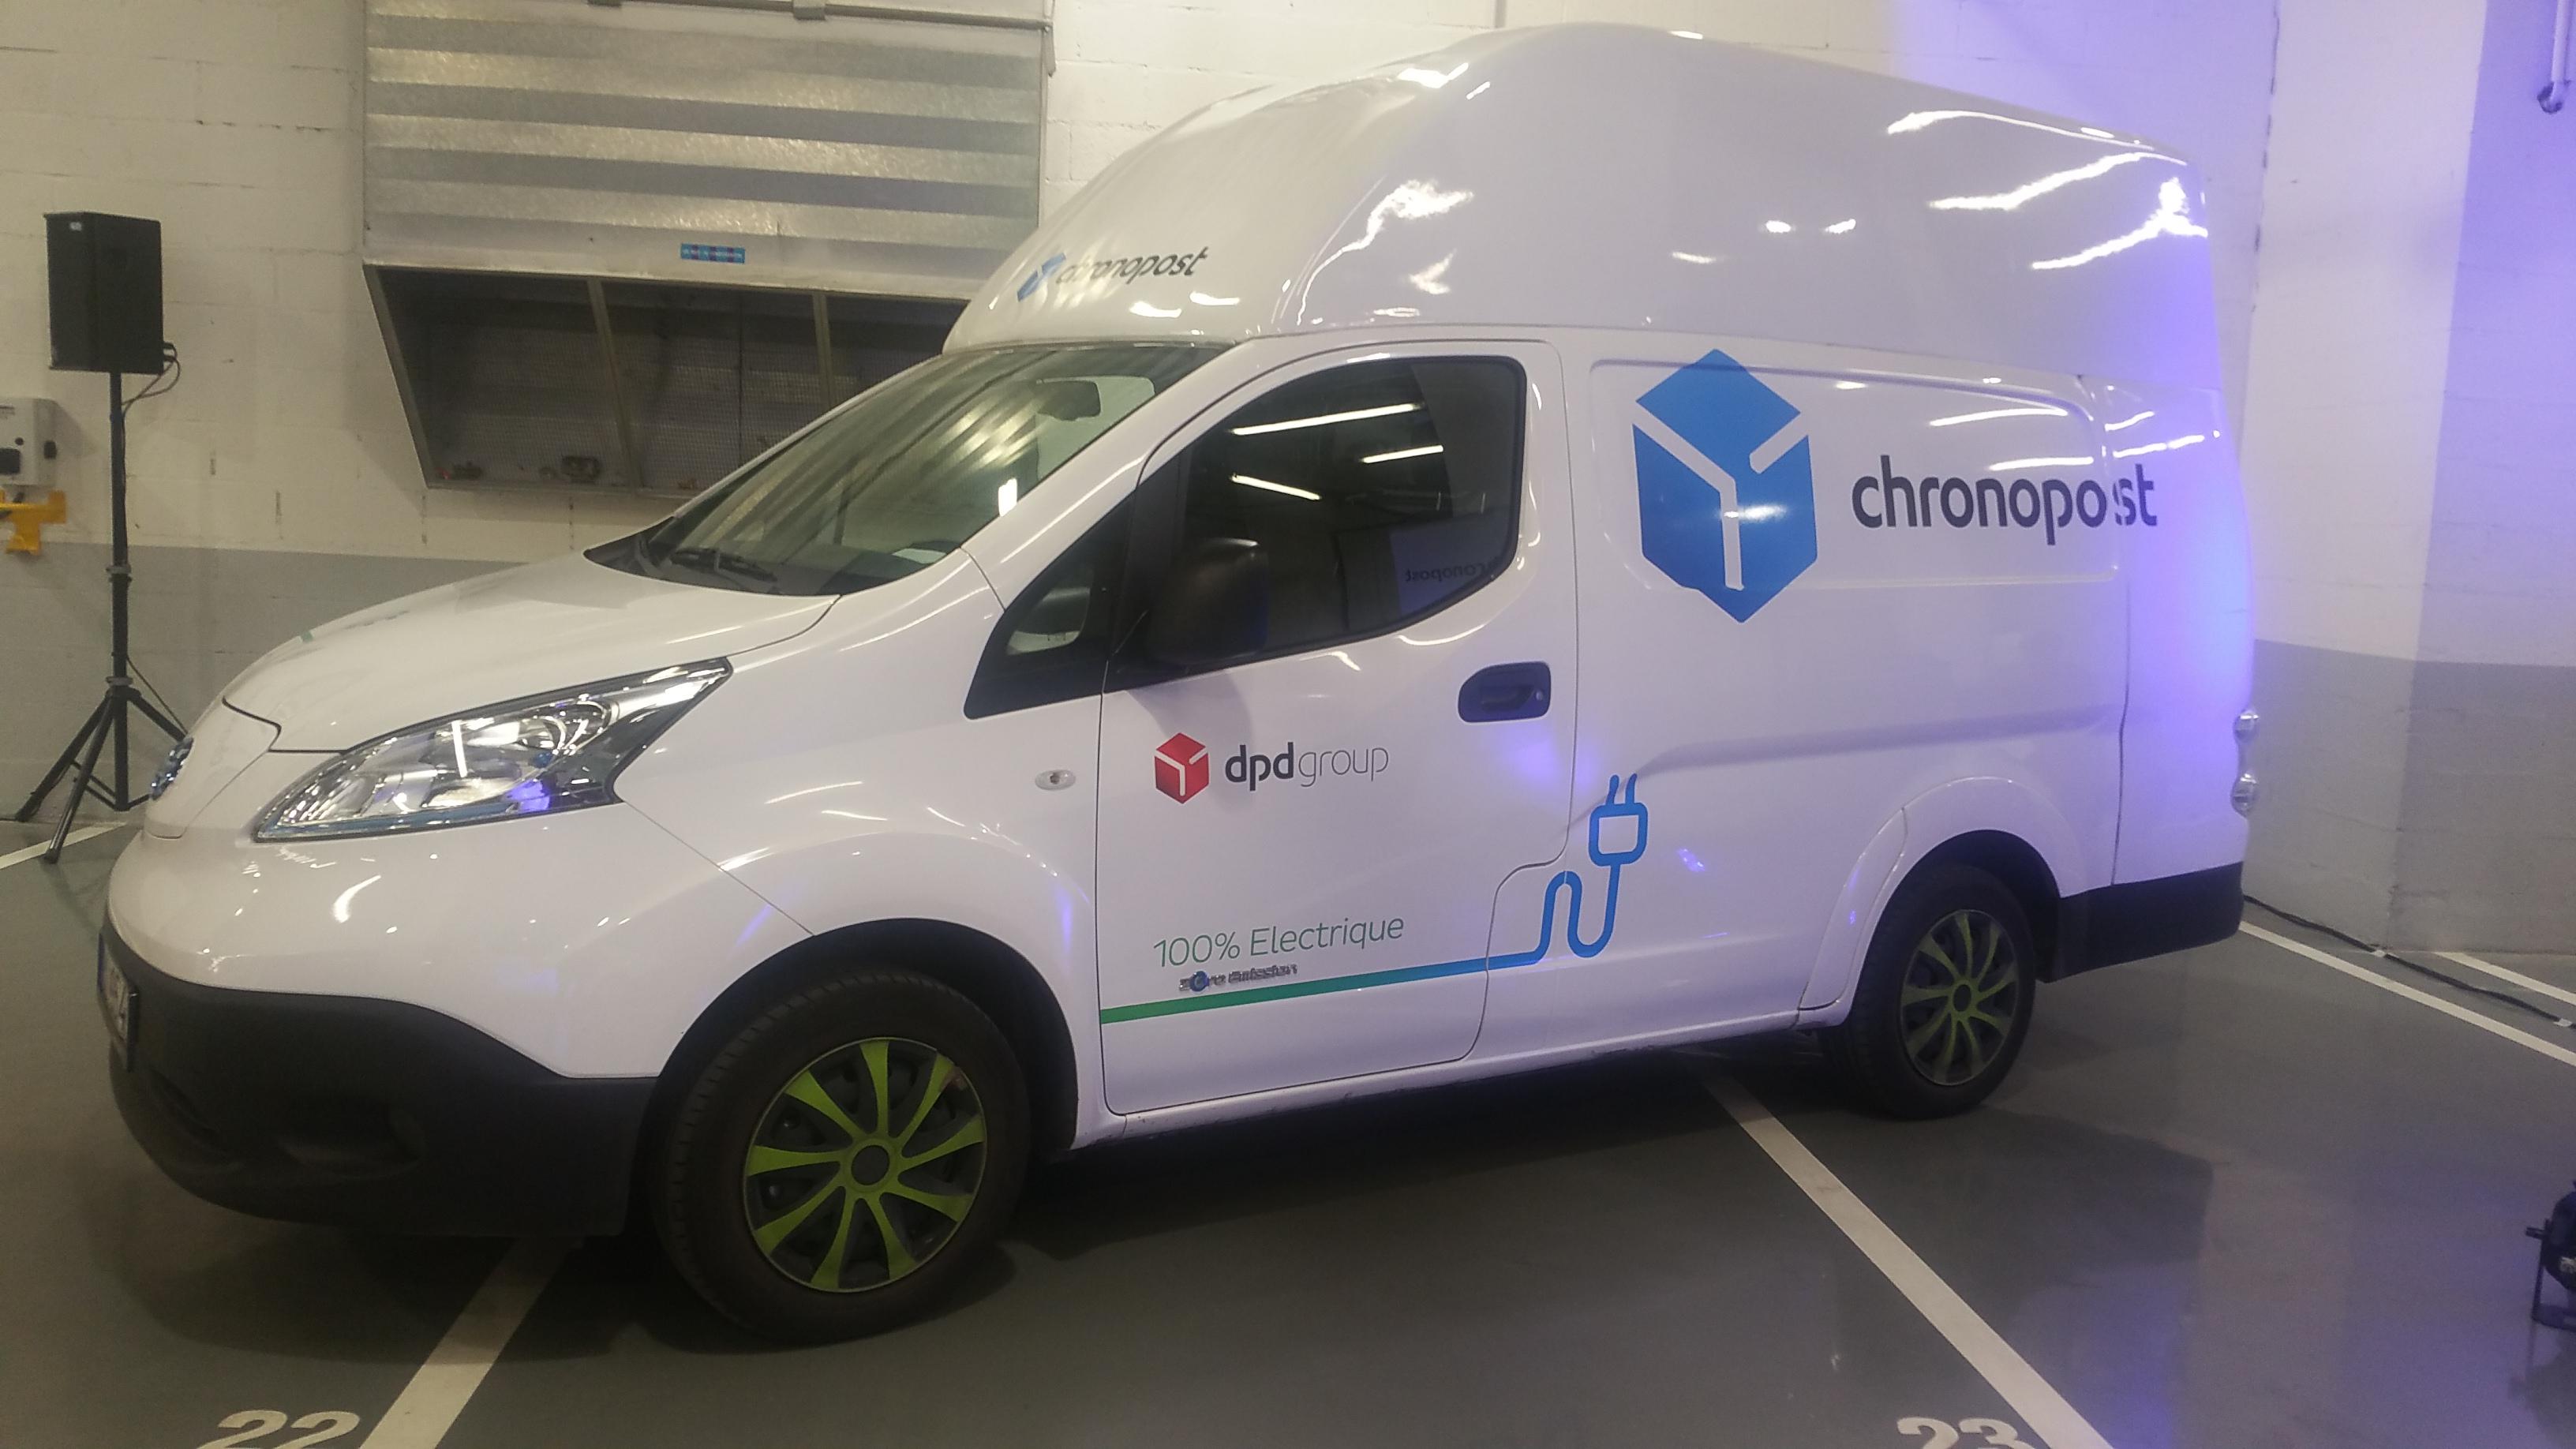 vehicule electrique chronopost